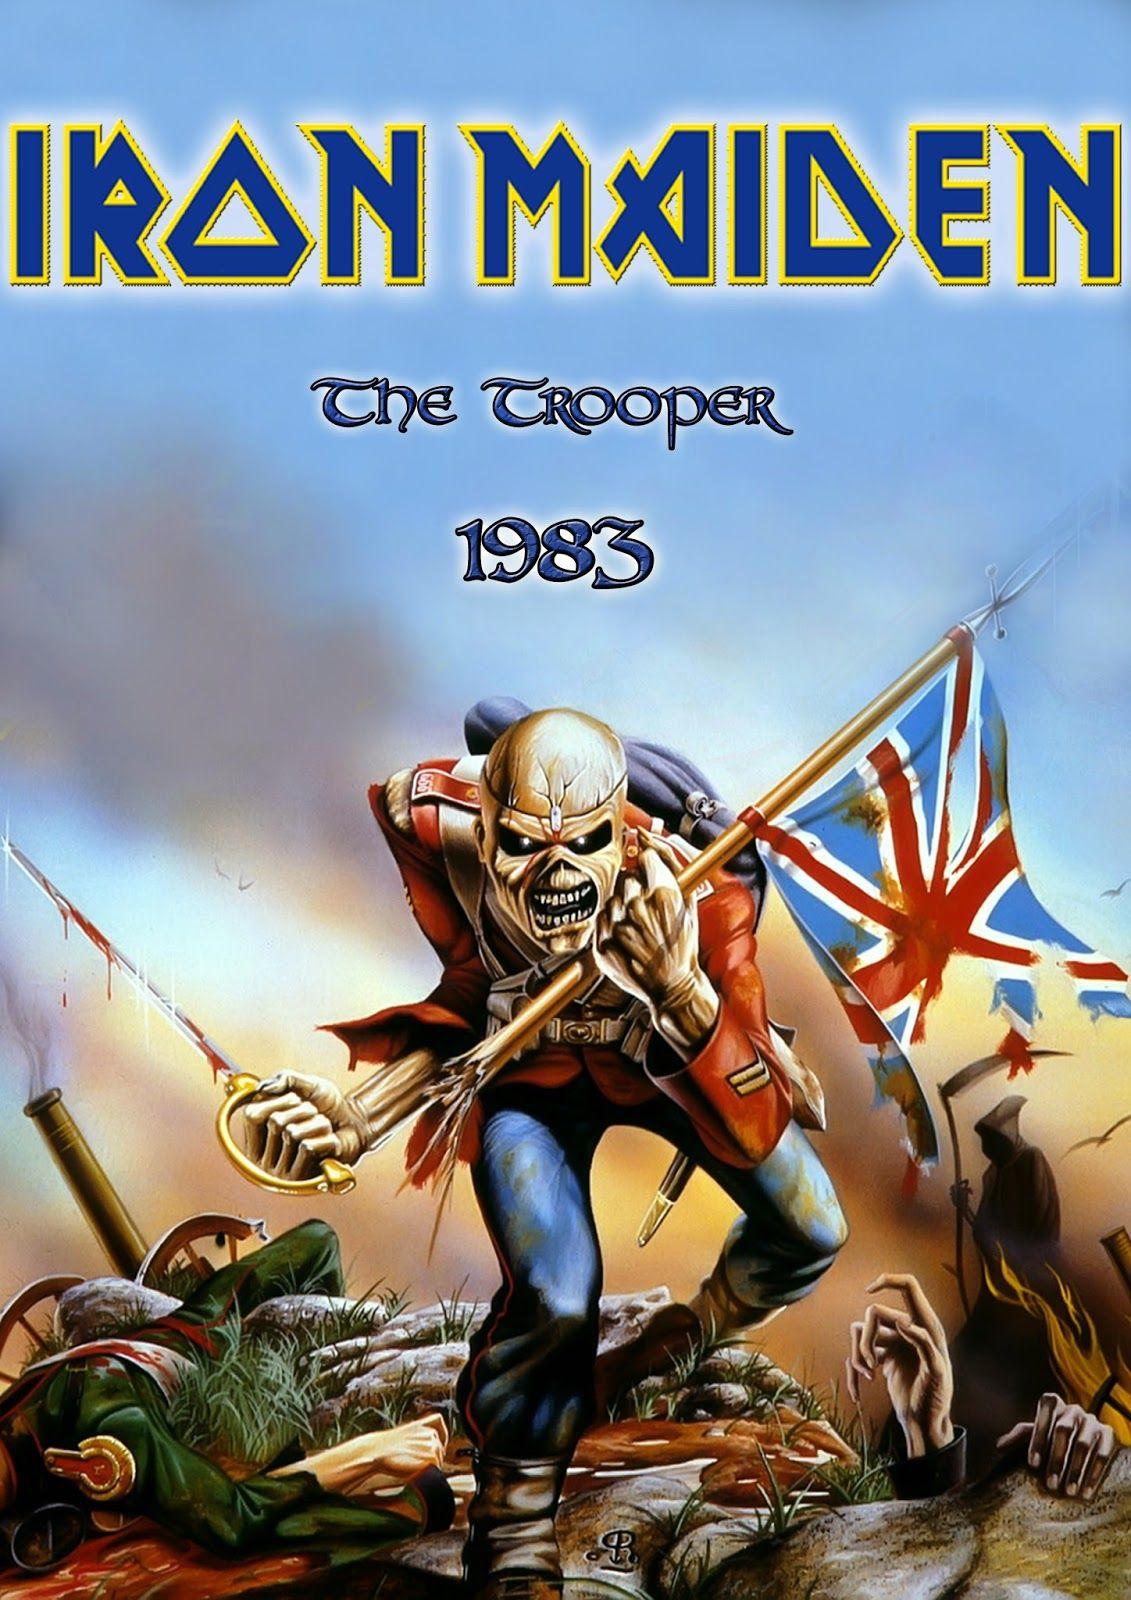 Iron Maiden The Trooper Wallpaper Iron Maiden Posters Iron Maiden The Trooper Iron Maiden